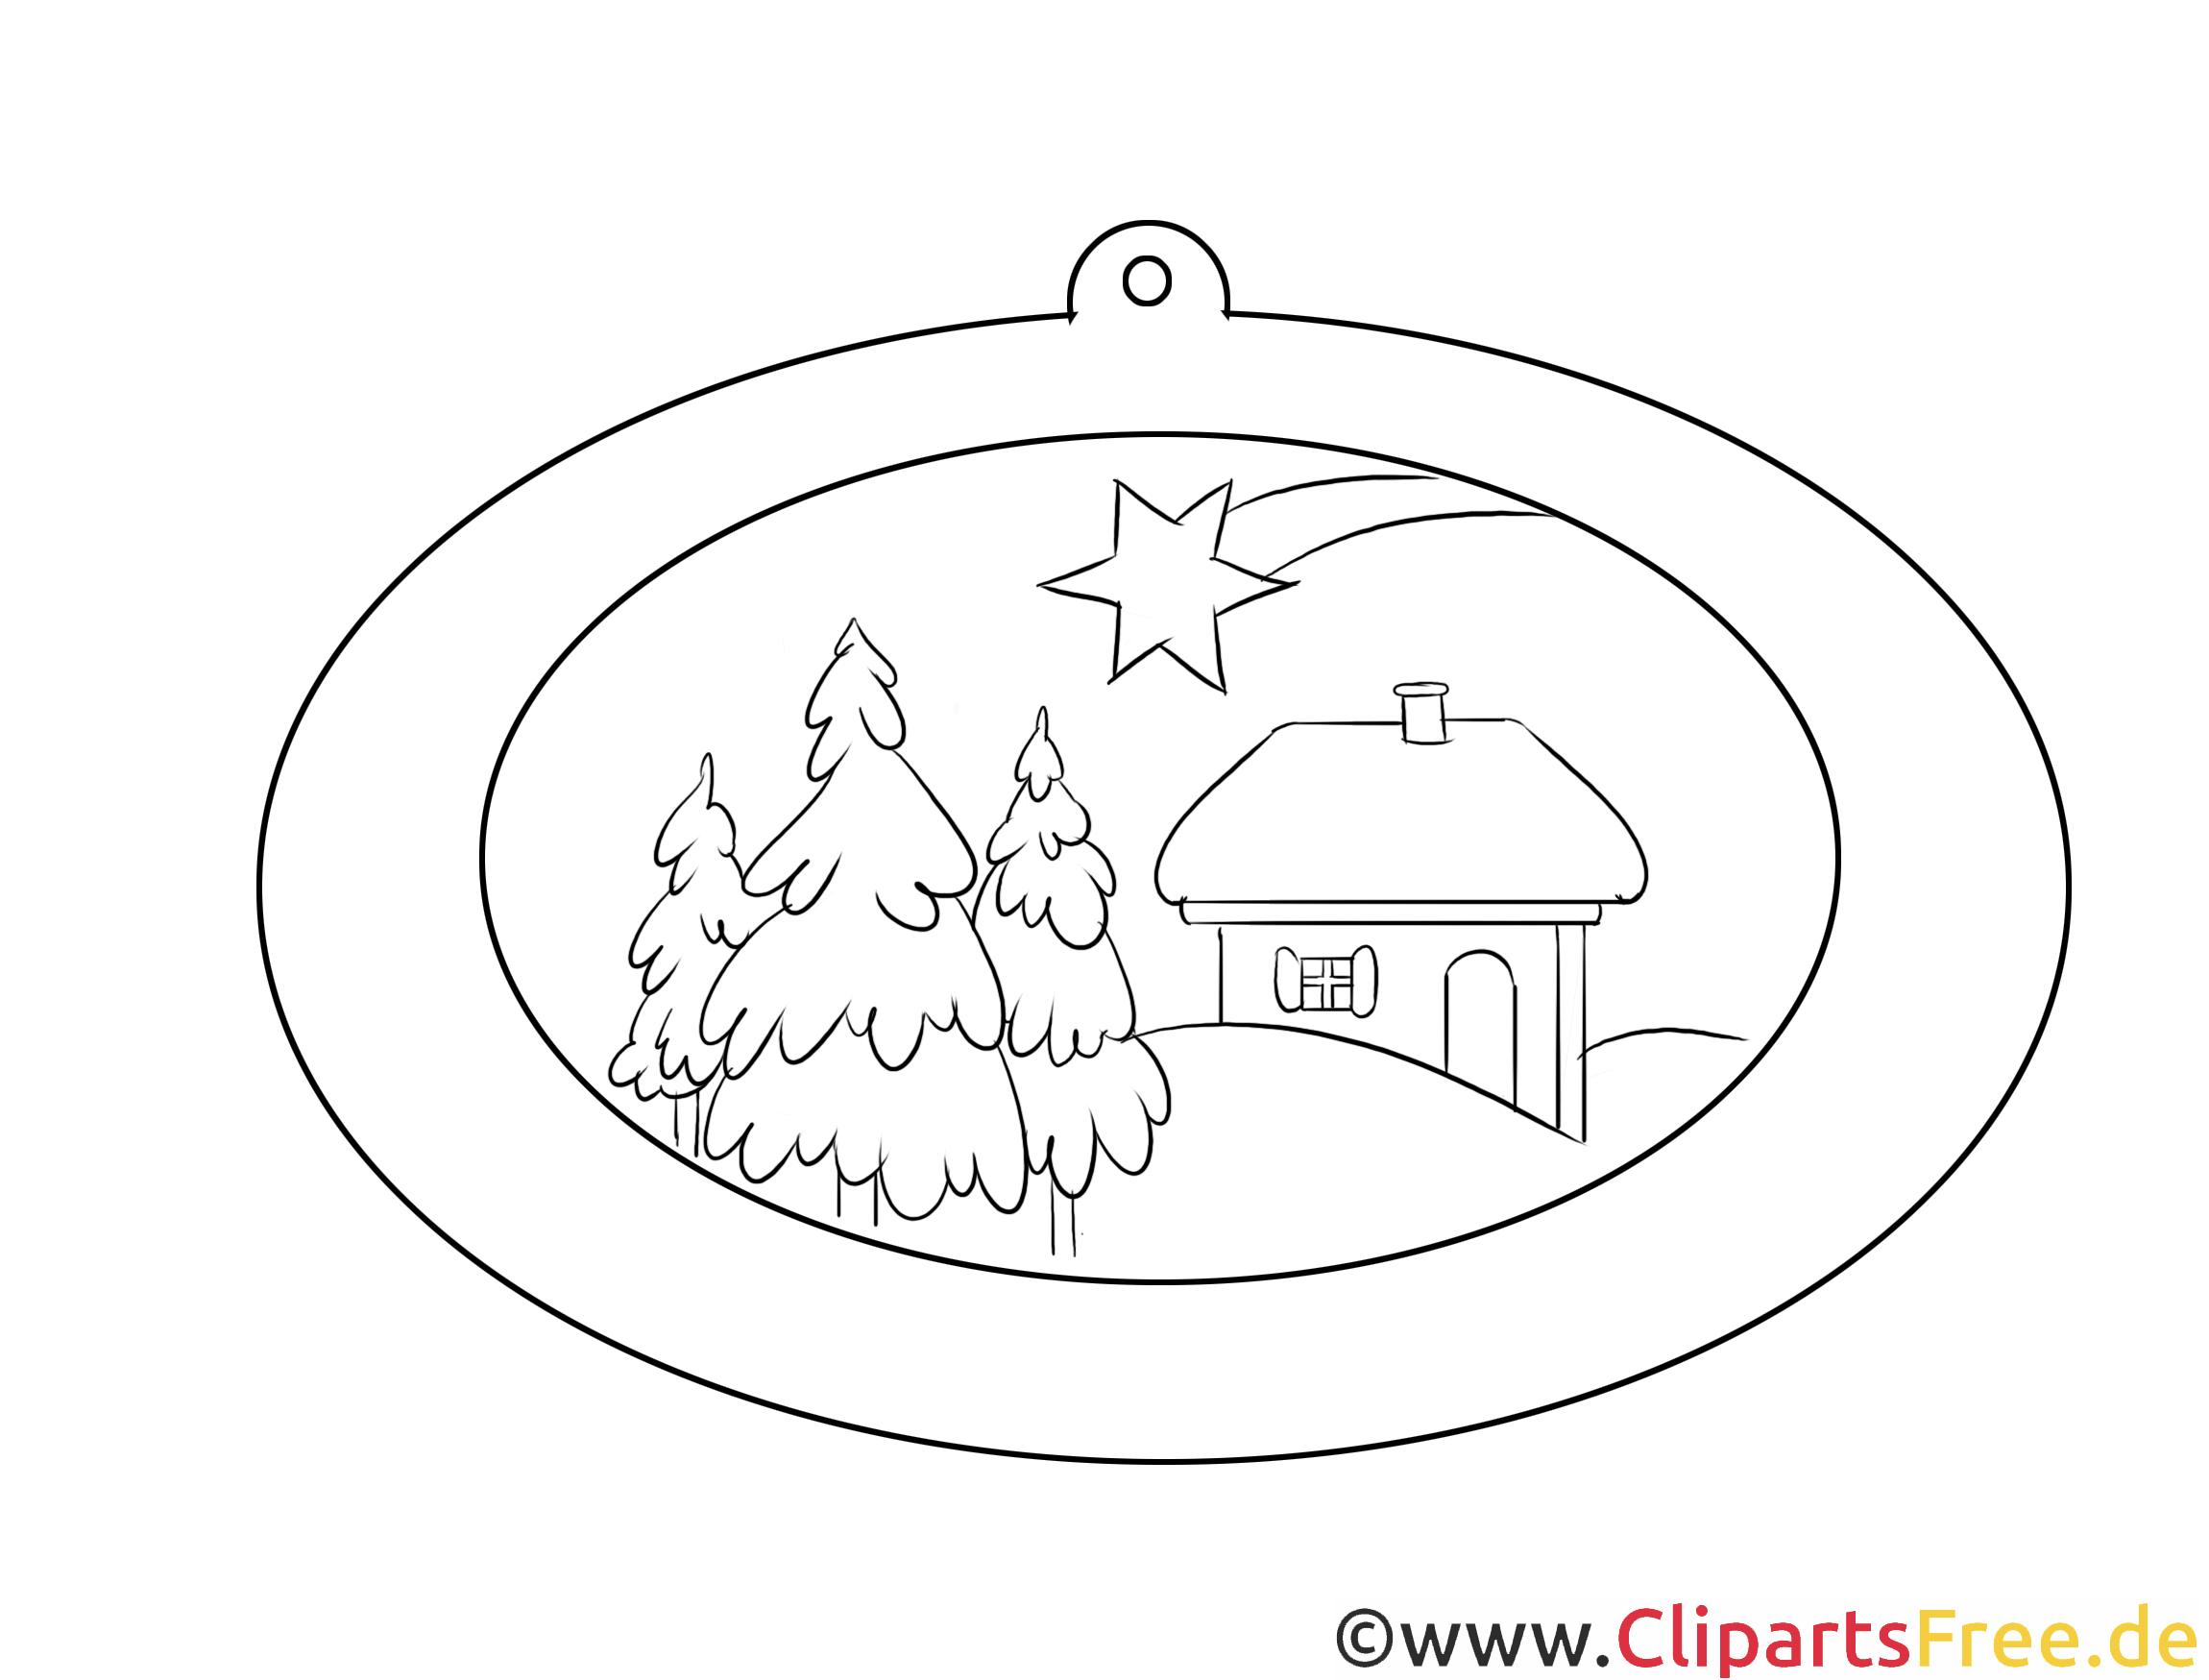 laubs gearbeiten vorlagen kostenlos zu weihnachten. Black Bedroom Furniture Sets. Home Design Ideas